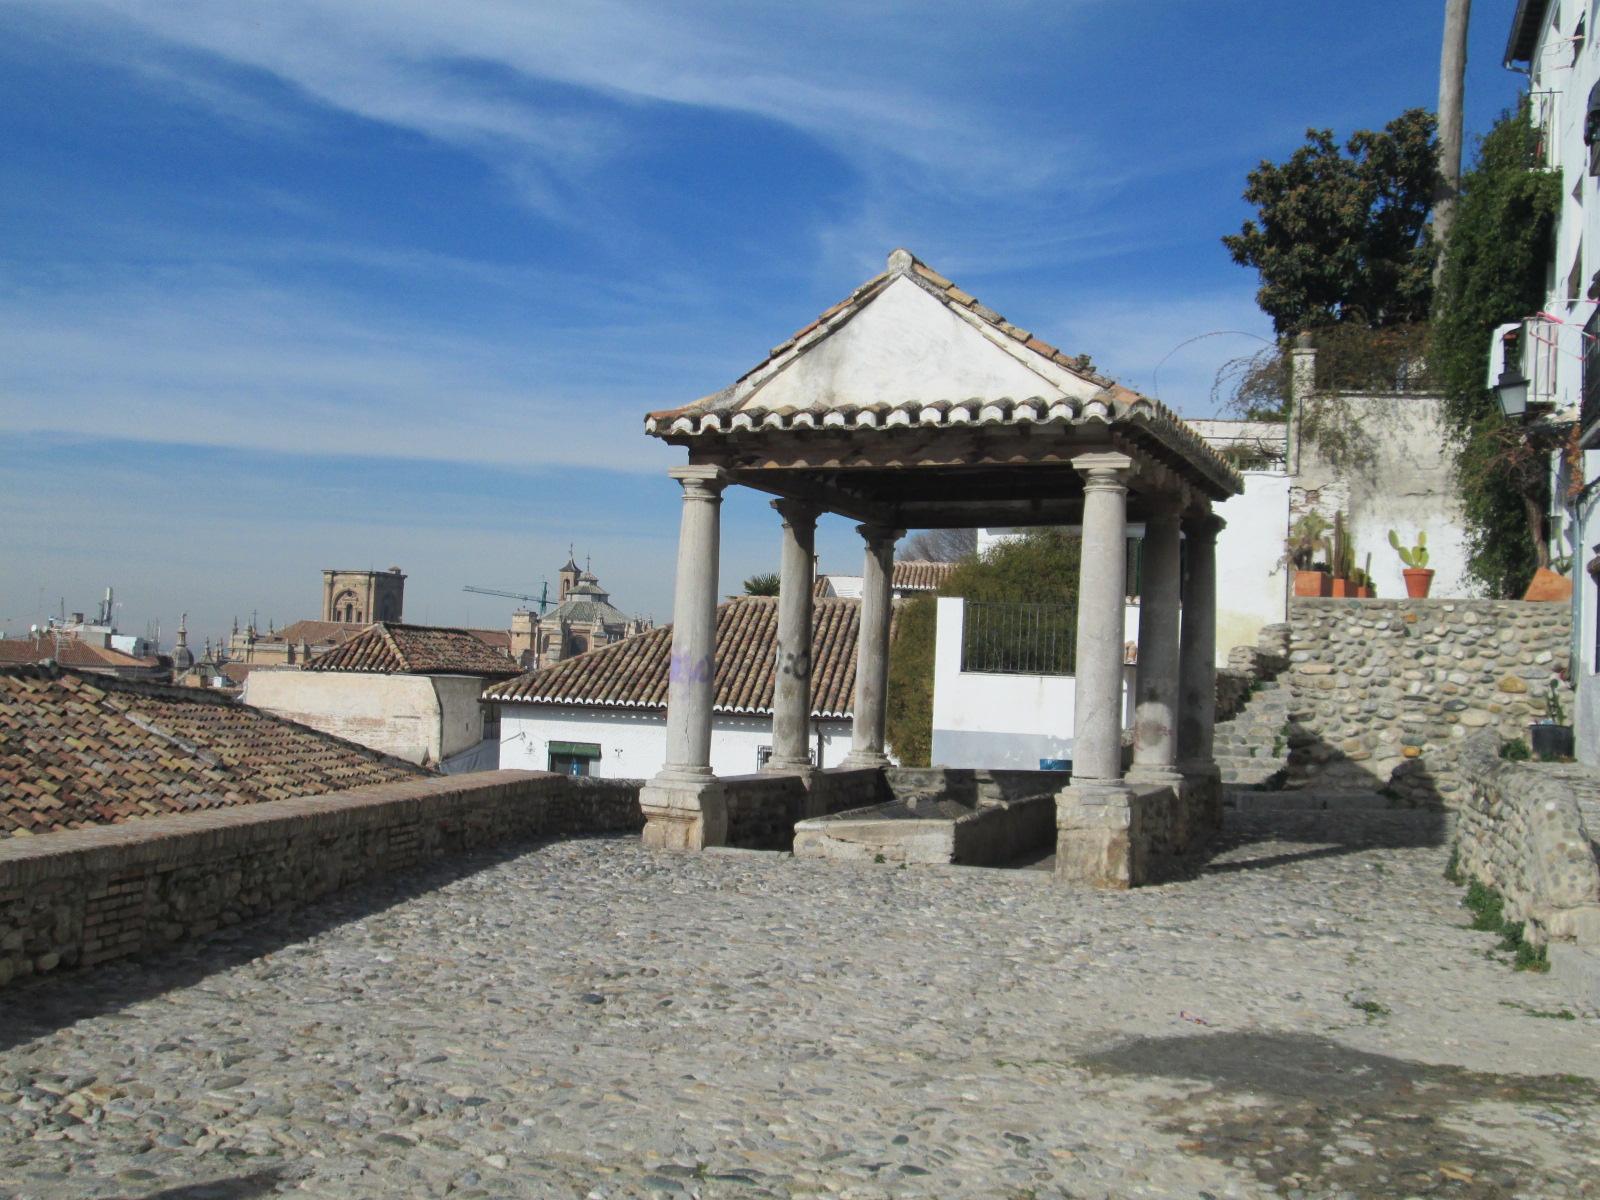 Placeta de la Puerta del Sol. Realejo. Granada